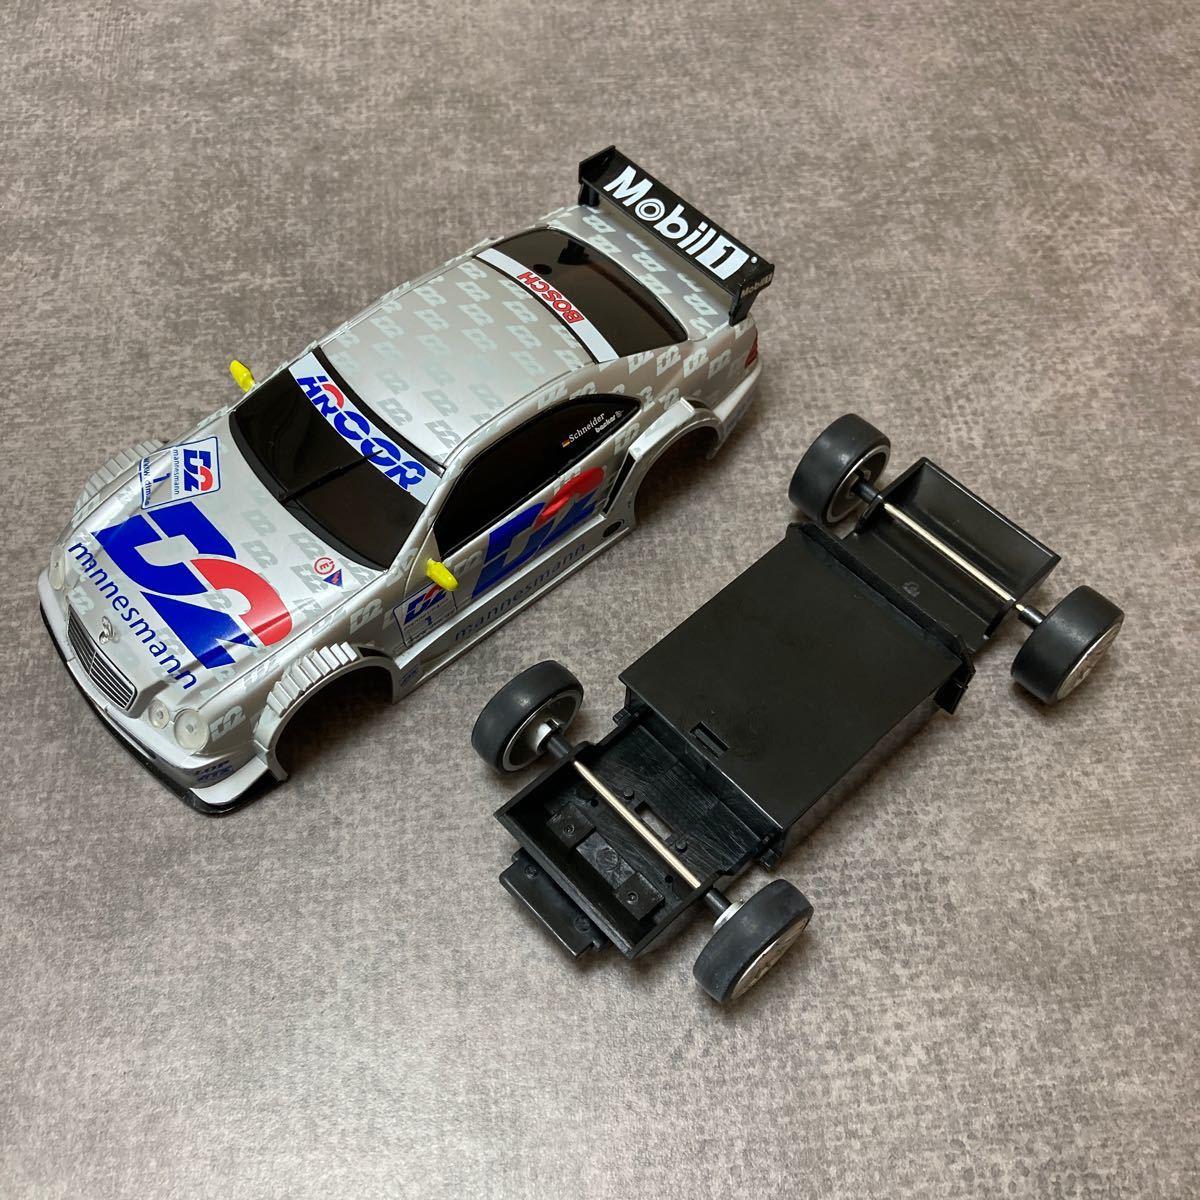 京商 ミニッツ ボディー D2 AMG Mercedes CLK